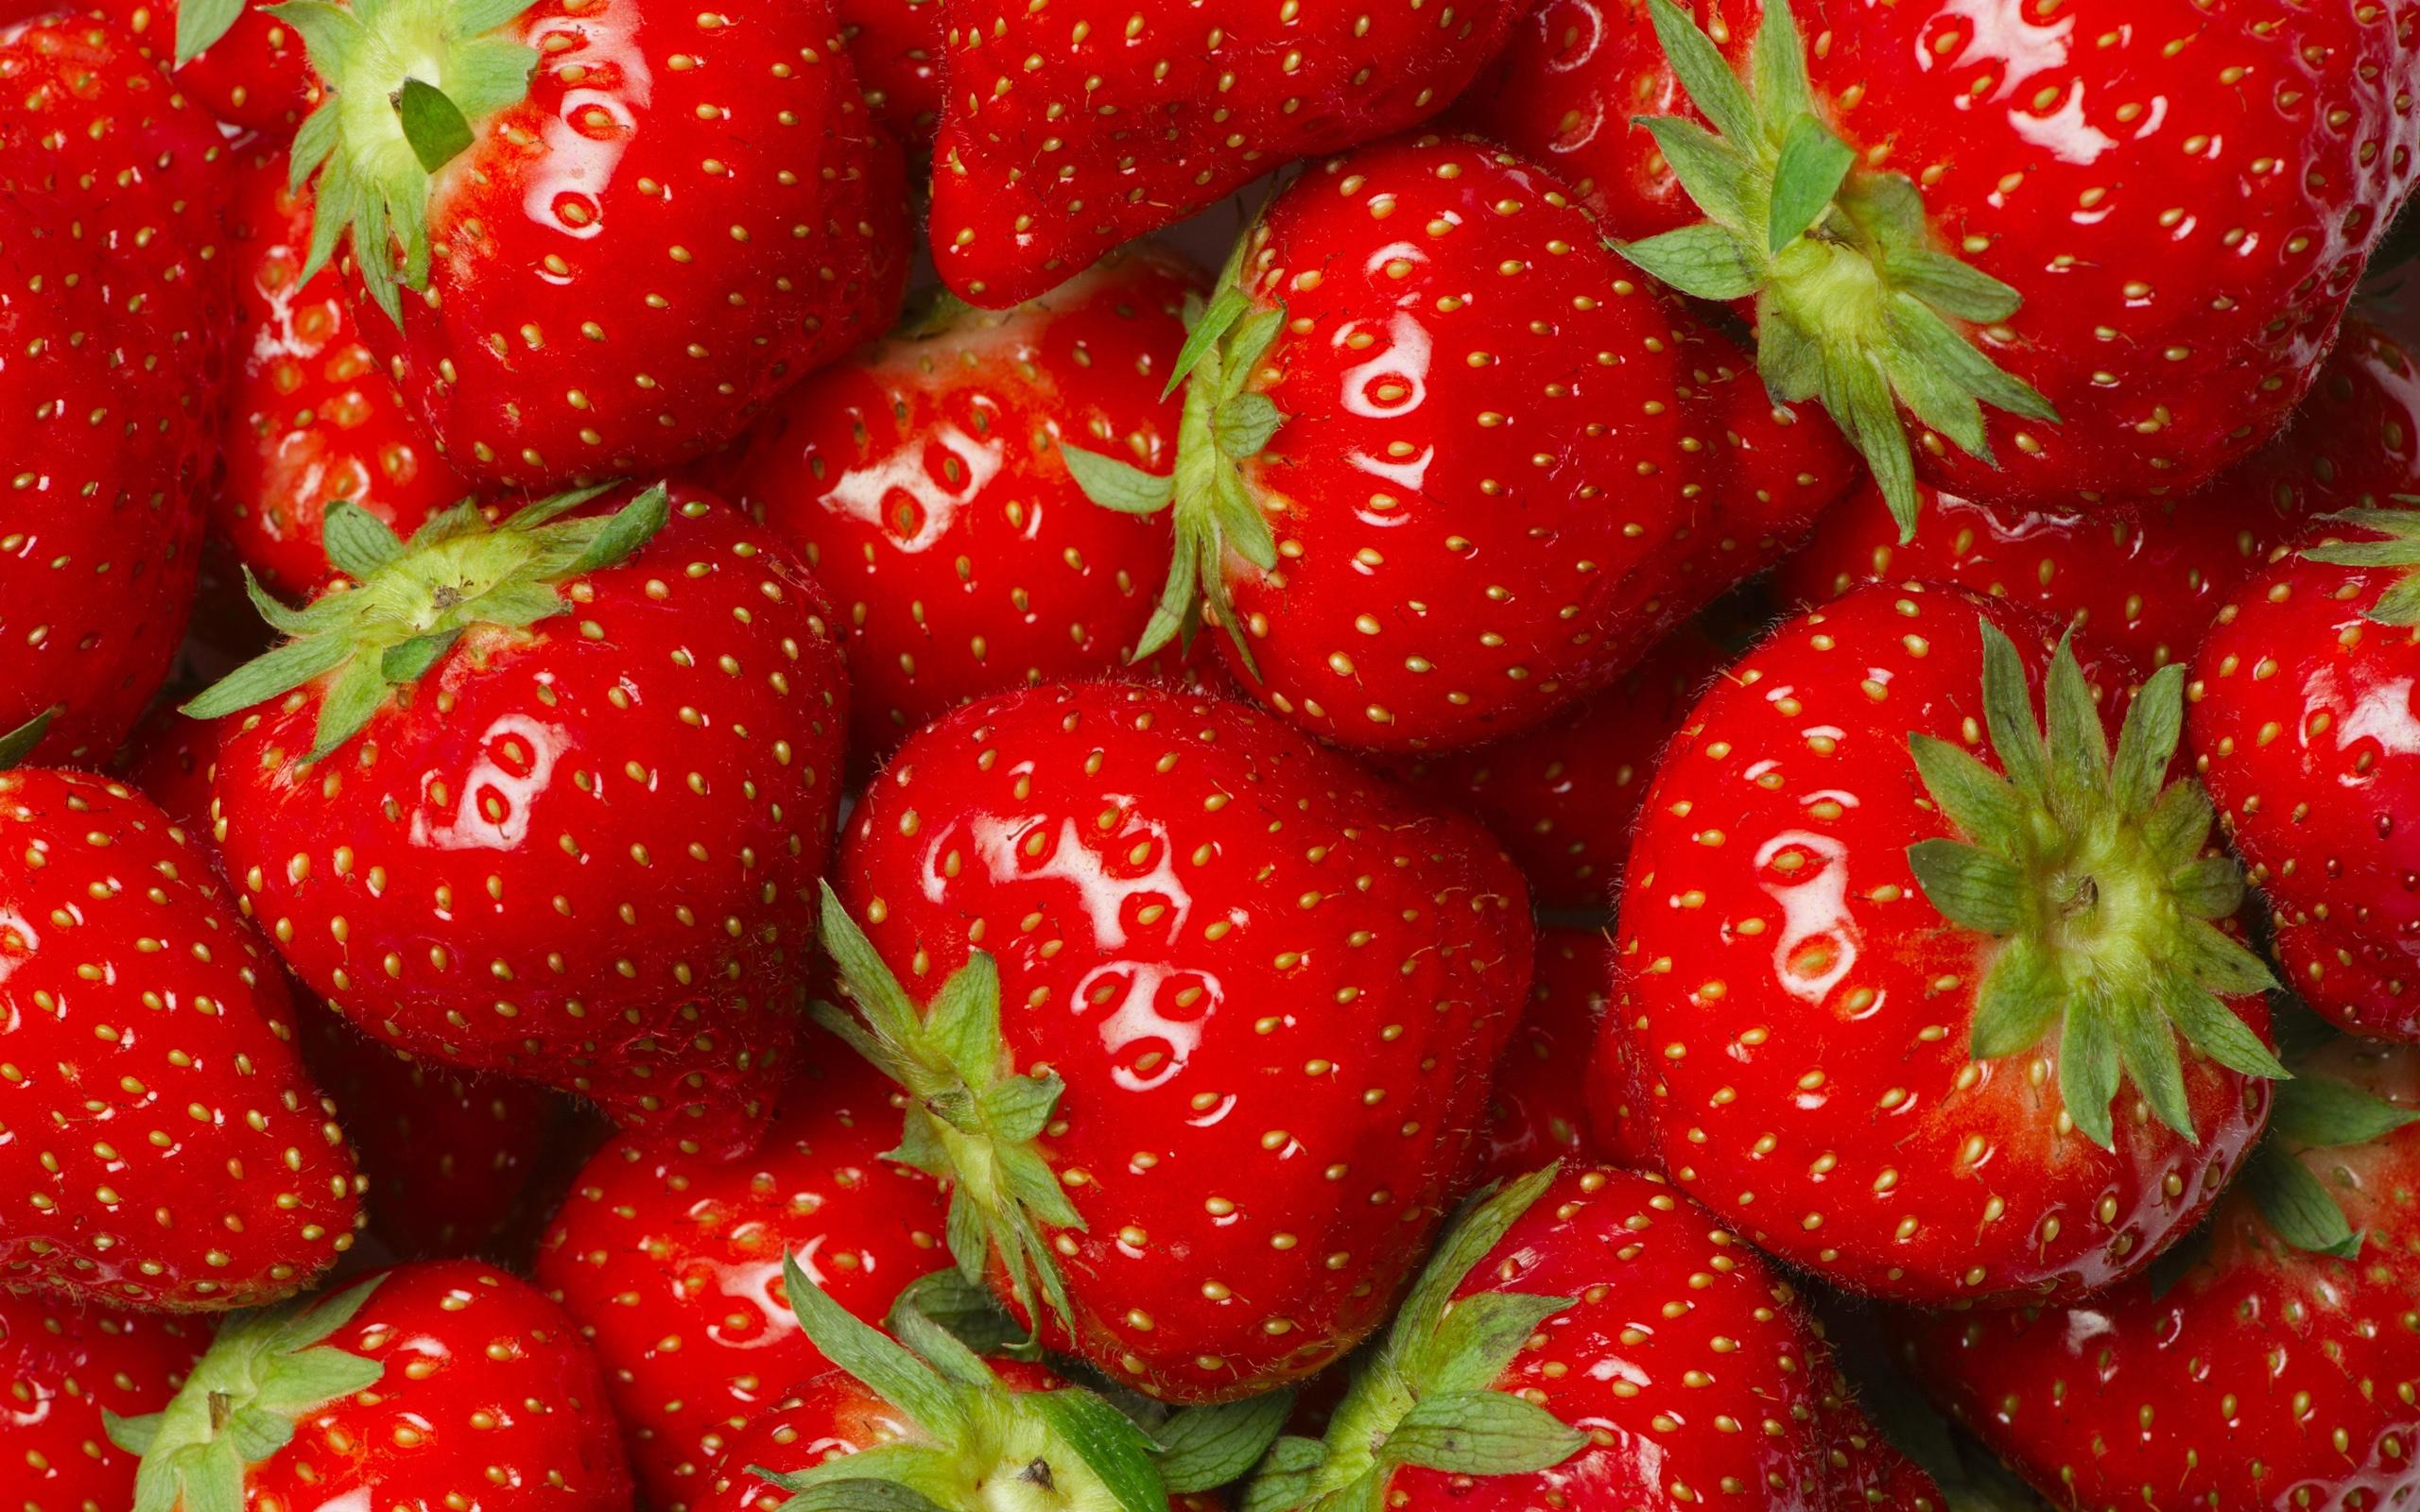 壁紙 多くのイチゴ 赤 フルーツ おいしい 2560x1600 Hd 無料の